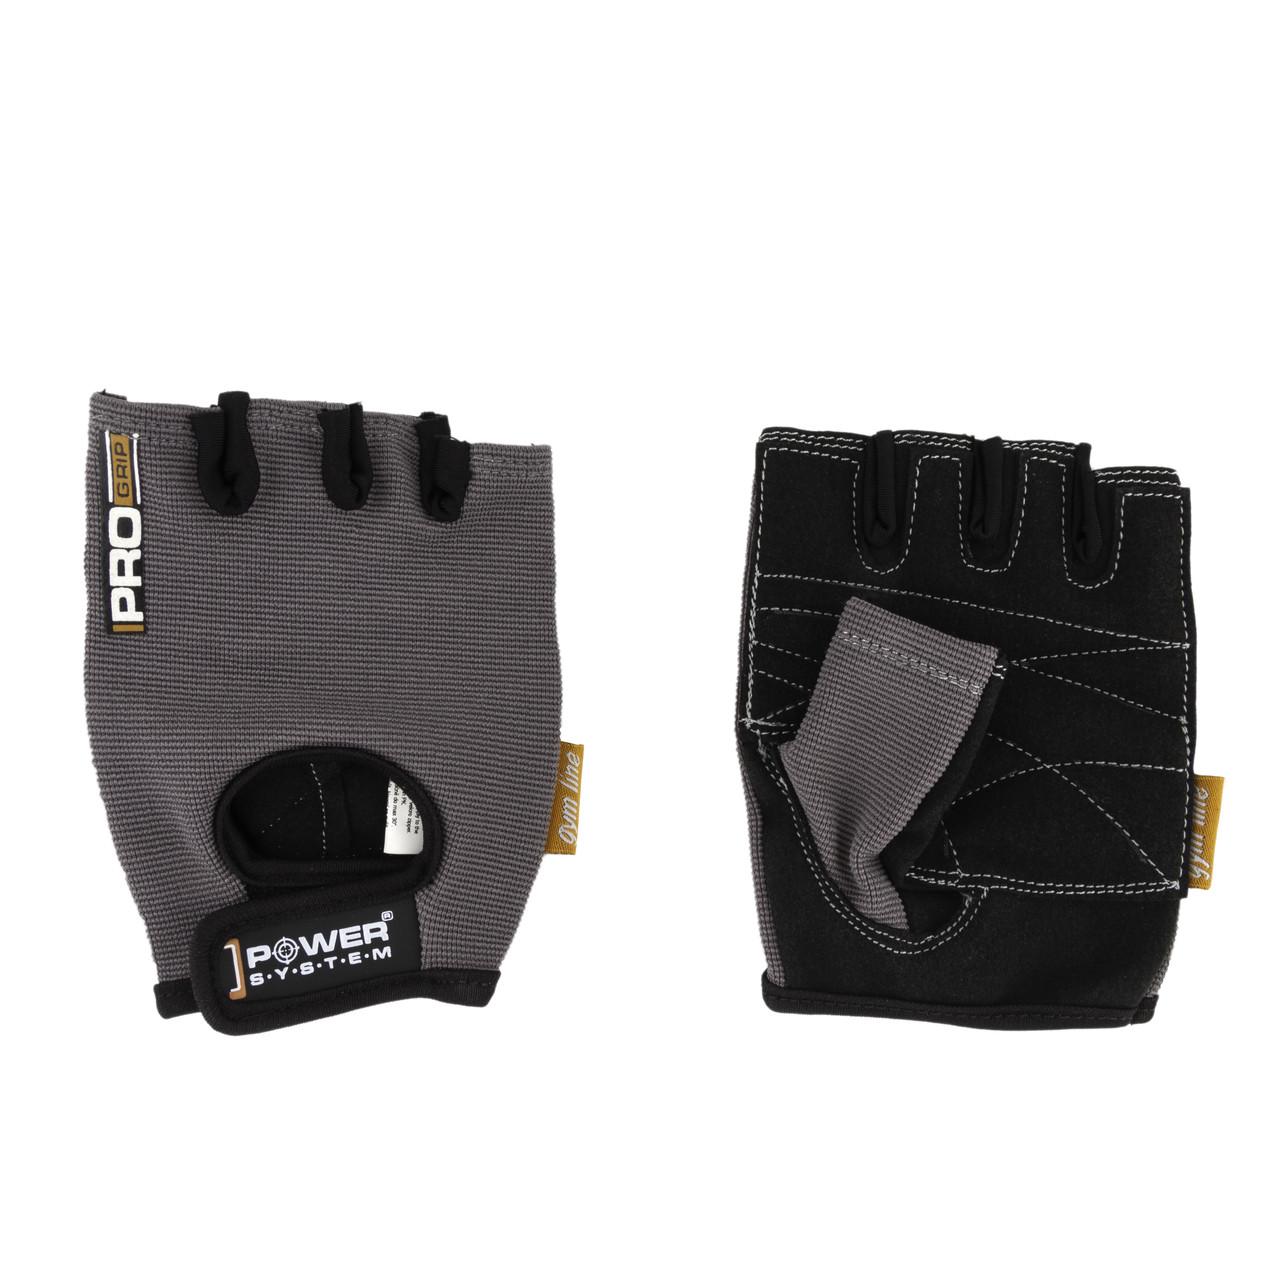 Перчатки для фитнеса и тяжелой атлетики Power System Pro Grip PS-2250 XL Grey (Пара)